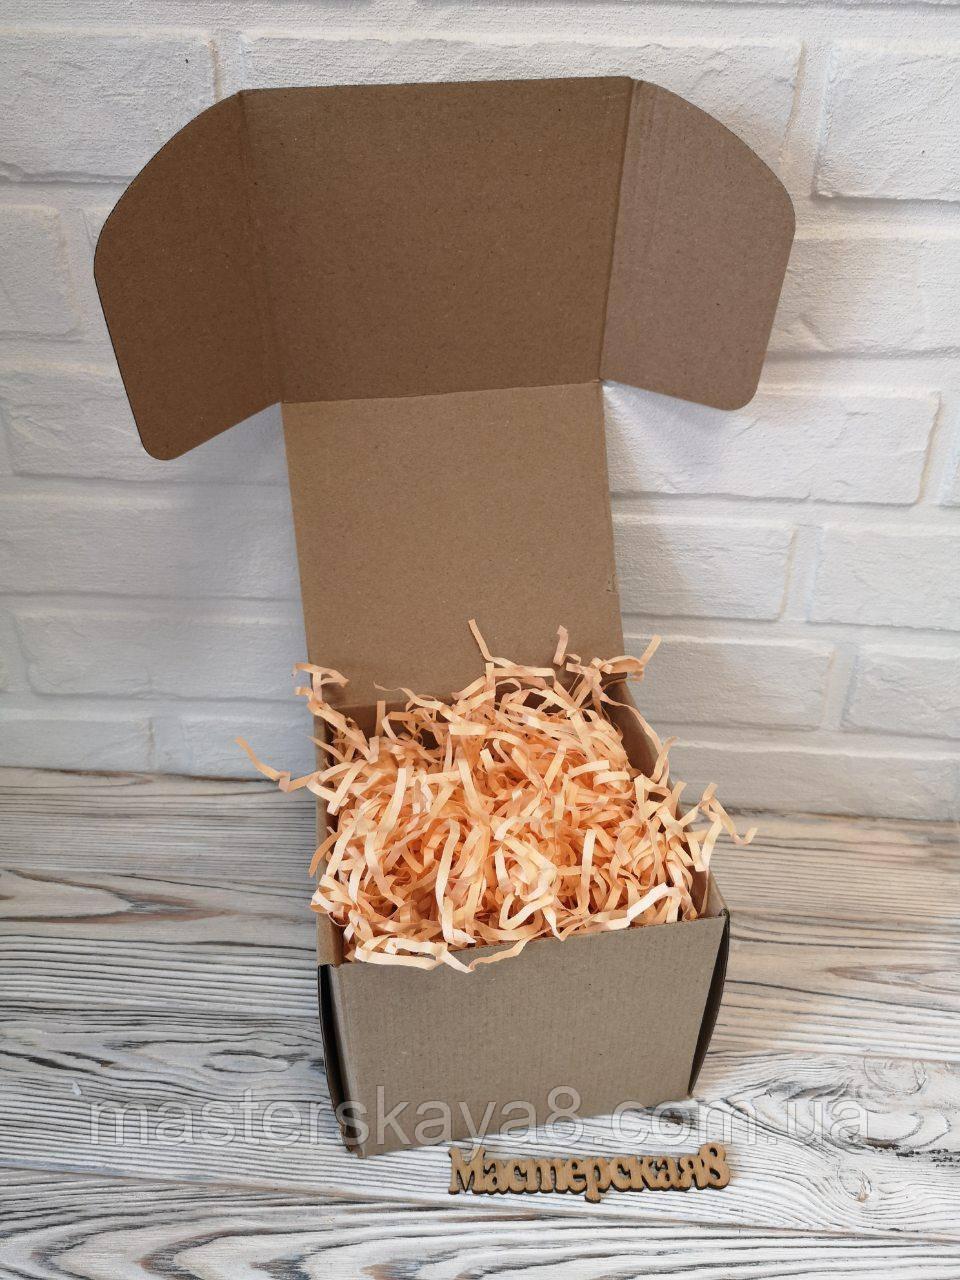 Коробка 150*150*140 мм крафт для подарка с персиковым наполнителем , для сувенира, для мыла, косметики